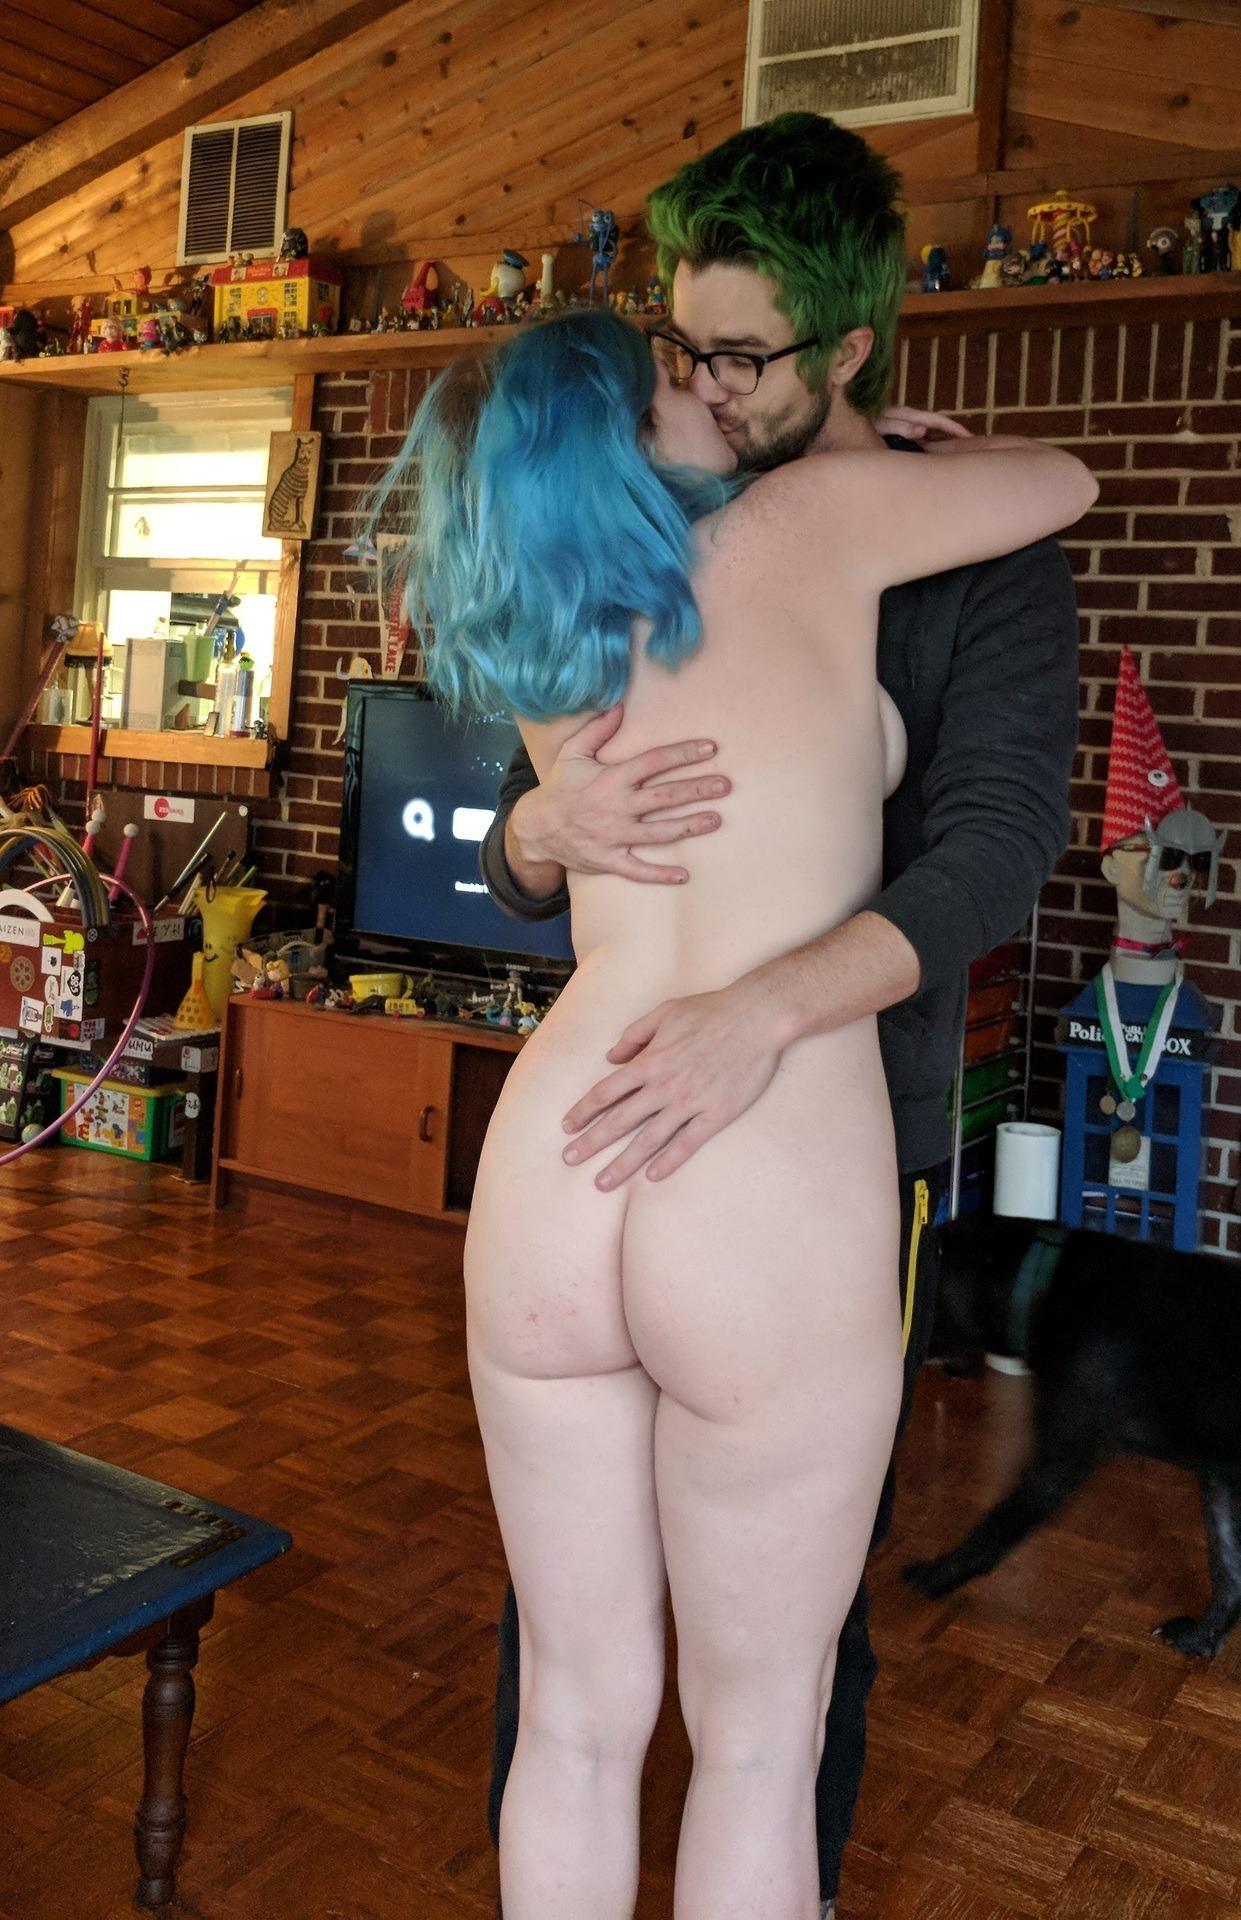 Chelle silverstein porn